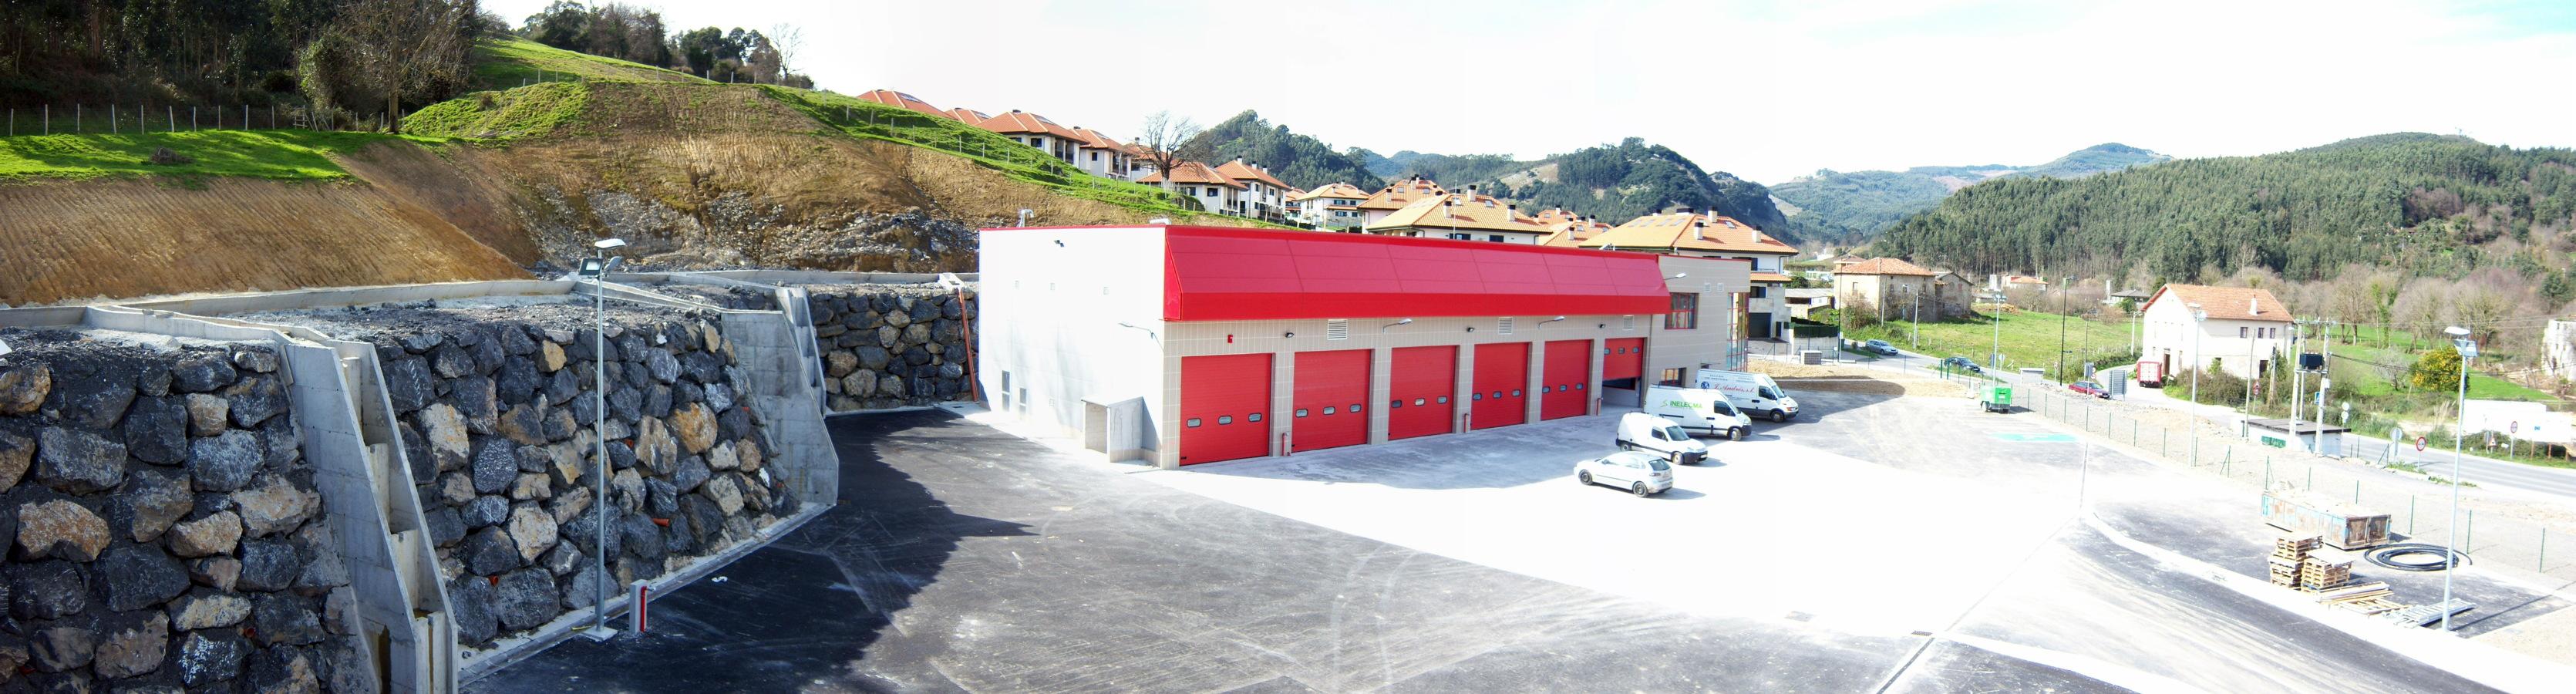 Vista general - Parque Emergencias de Castro Urdiales